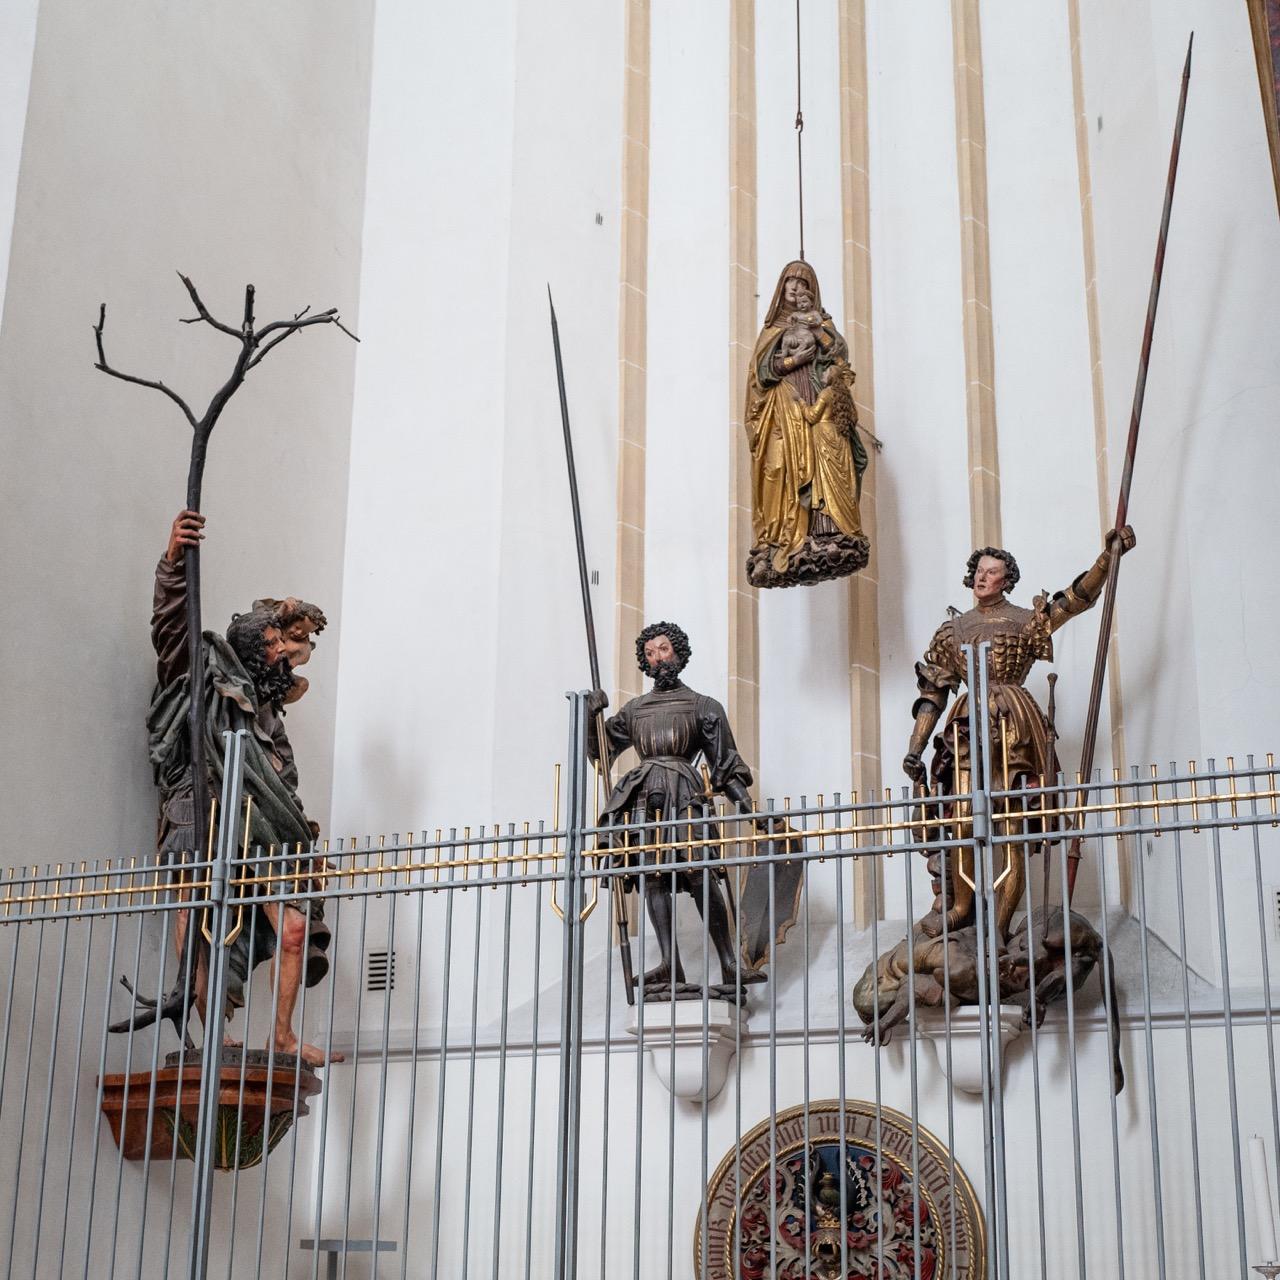 Kapelle der hl. Anna Selbdritt und des hl. Georg, Figuren des hl. Christophorus (linke Wand; Hans Leinberger), des hl. Rasso (links; Meister von Rabenden), der hl. Anna Selbdritt (Mitte; Stefan Rottaler) und des hl. Georg (Hans Leinberger), alle um 1520